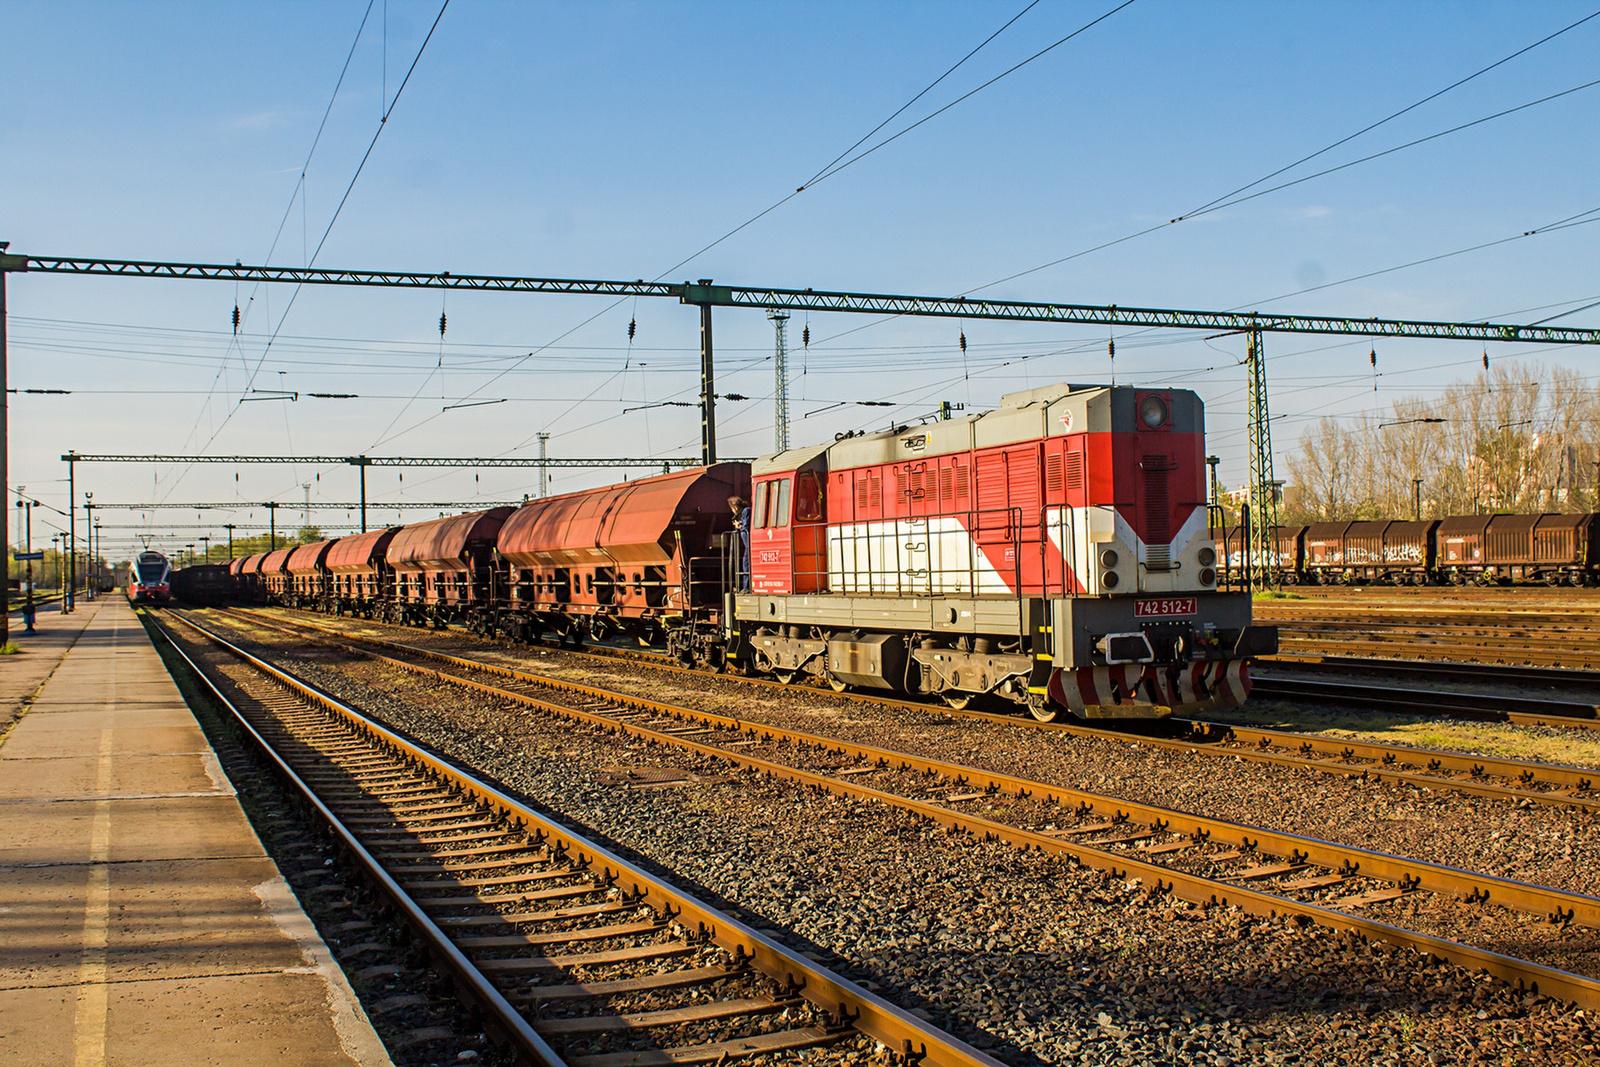 742 512 Dunaújváros (2021.04.24).